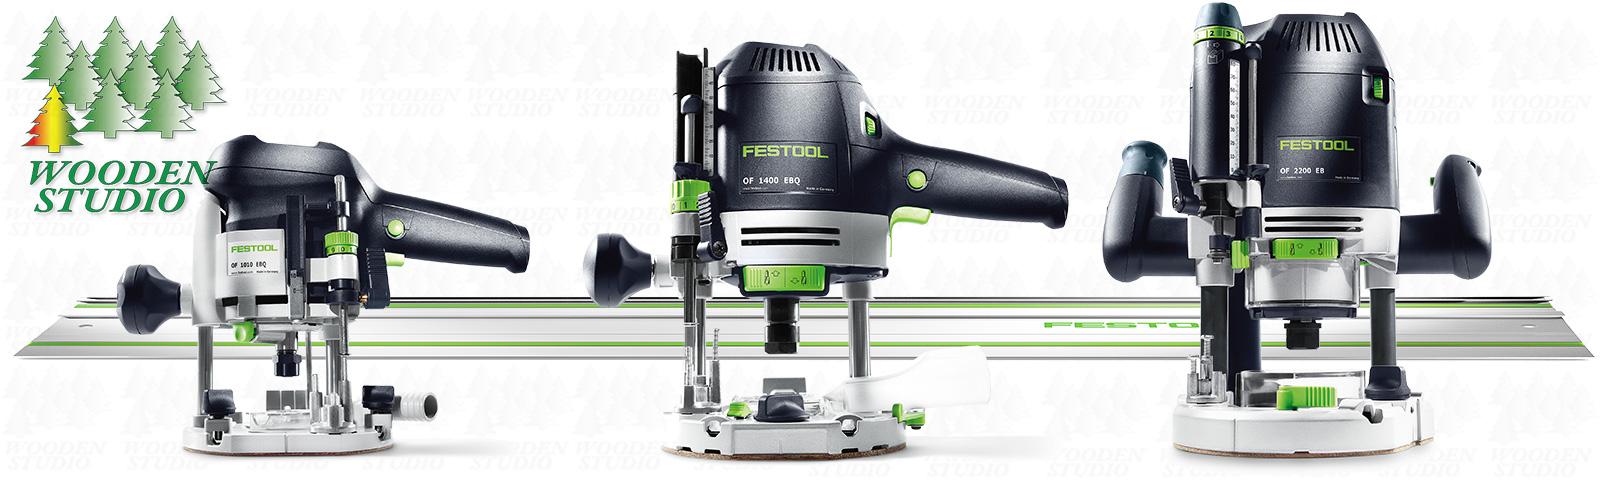 Вертикальные фрезеры Festool